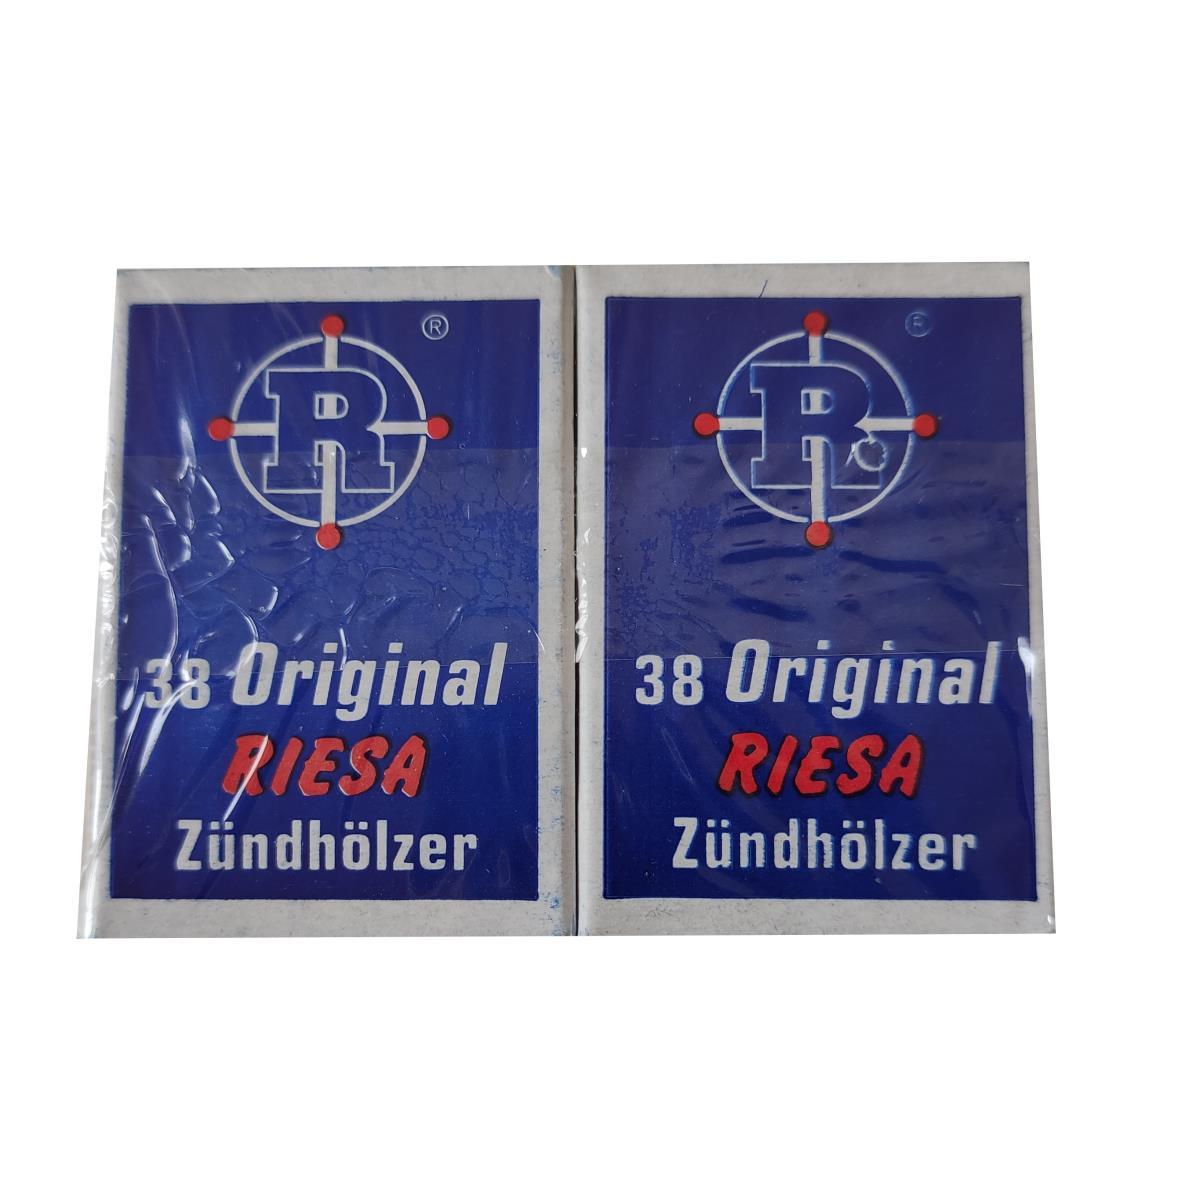 500 Schachteln Streichhölzer, Zündhölzer, Zündholzschachtel,KM Zündholz International,0000082, 0685293813812